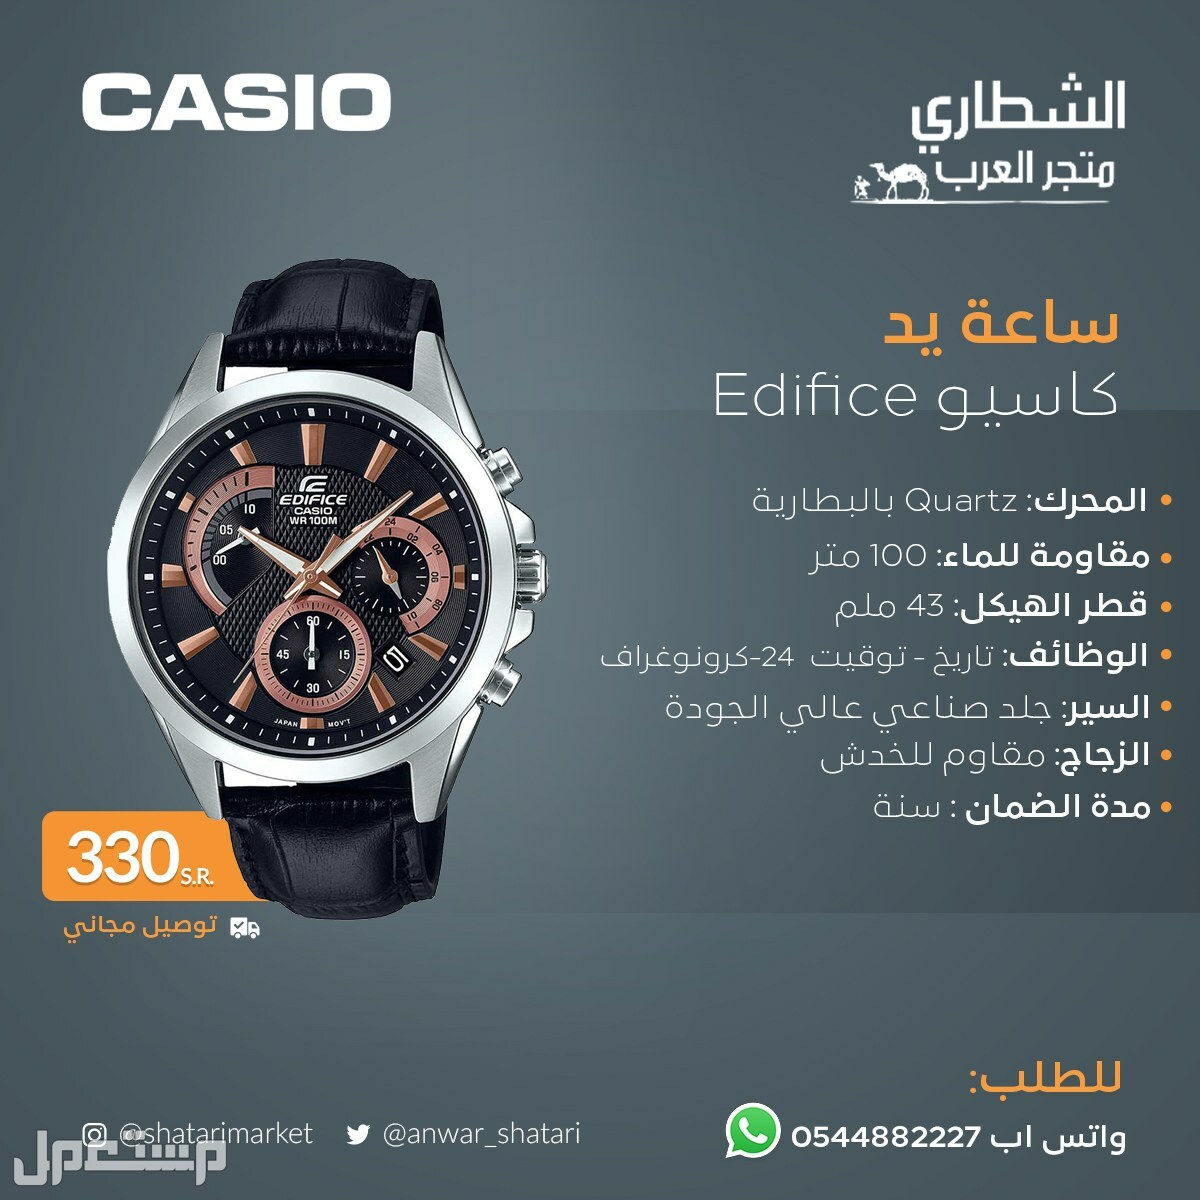 تشكيلة (2)  ساعة كاسيو - ألبا - سيكو - لورس - تايتان - أورينت -